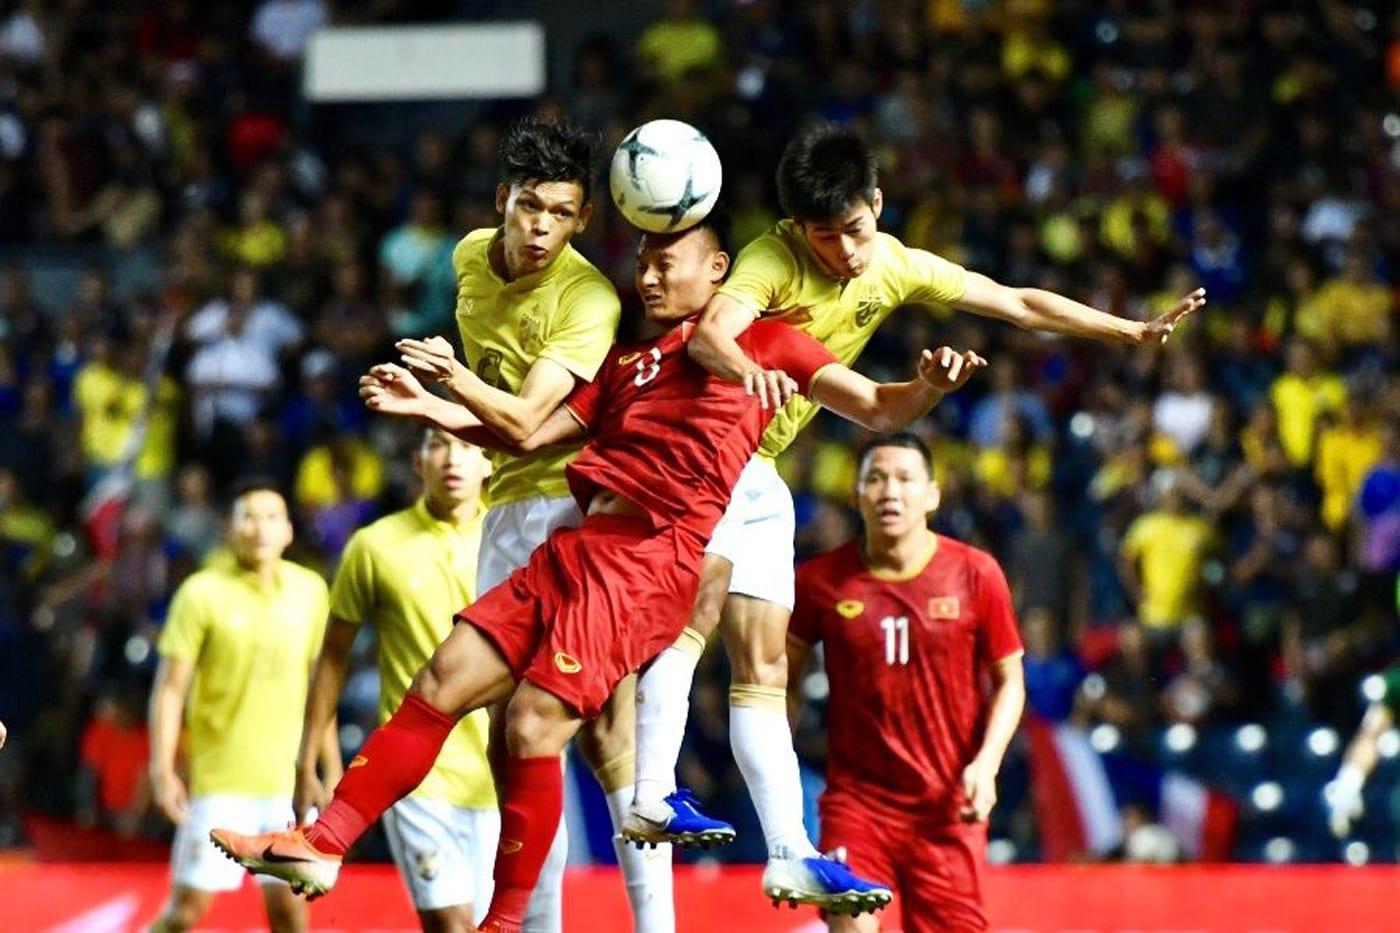 Báo Hàn chờ đợi màn đối đầu giữa HLV Park Hang-seo và Paulo Bento - Bóng Đá